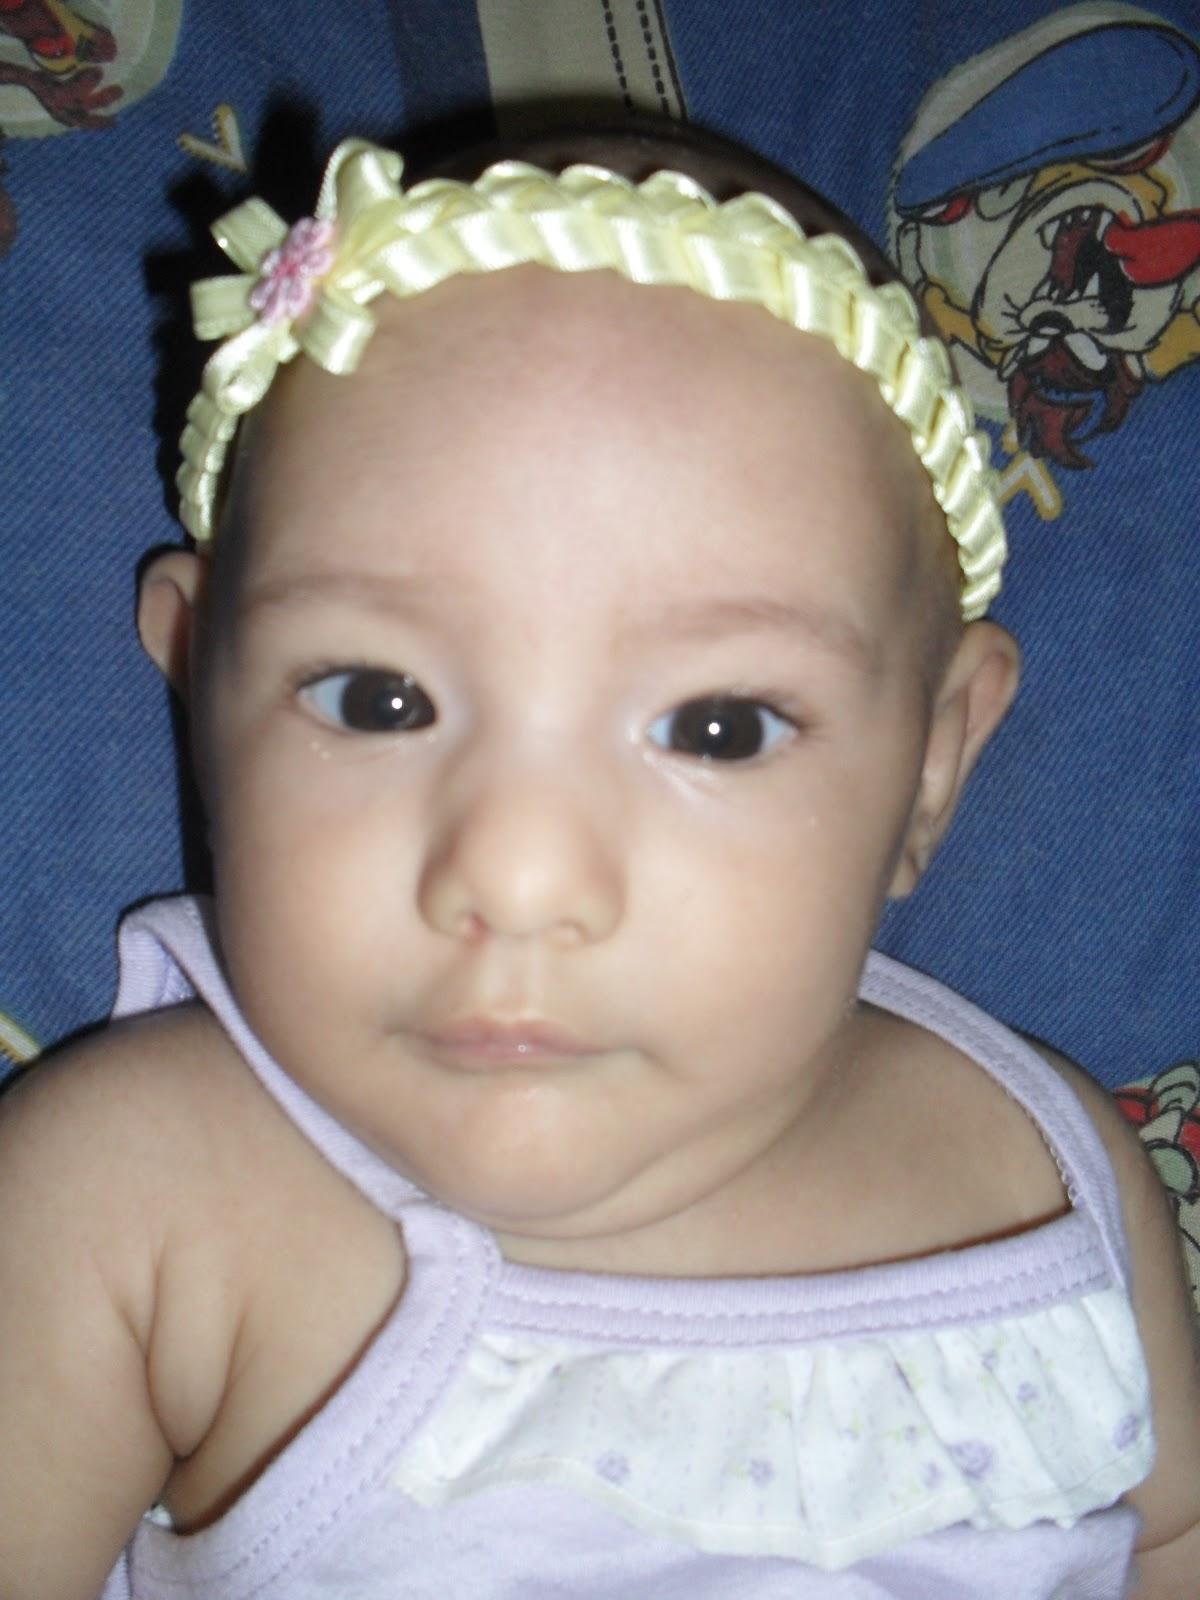 Mamnualidades Vinchas Diademas para Bebes